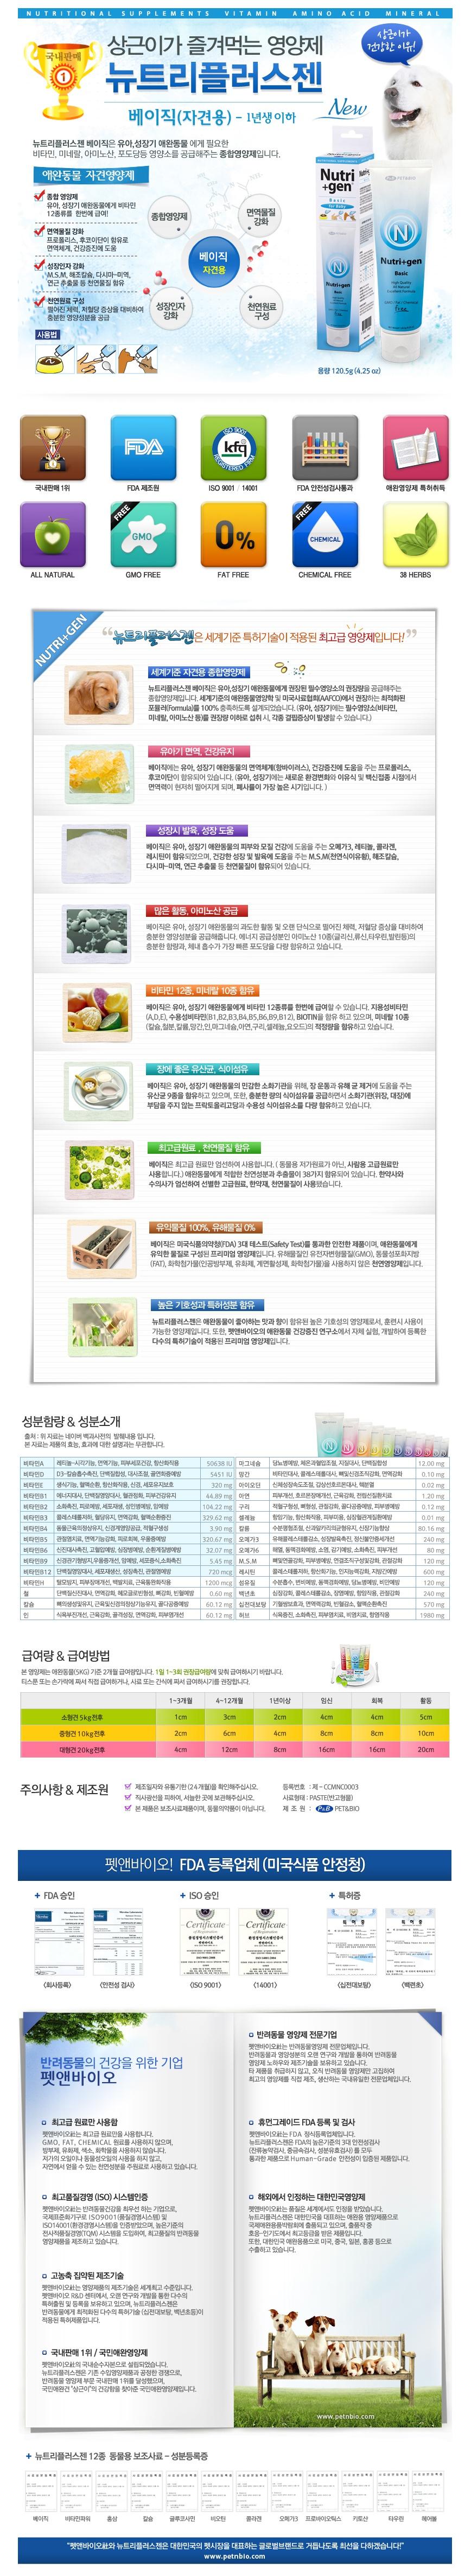 뉴트리플러스젠 종합 강아지영양제 (유아기용) 120.5g - 뉴트리플러스젠, 9,000원, 간식/영양제, 영양보호제